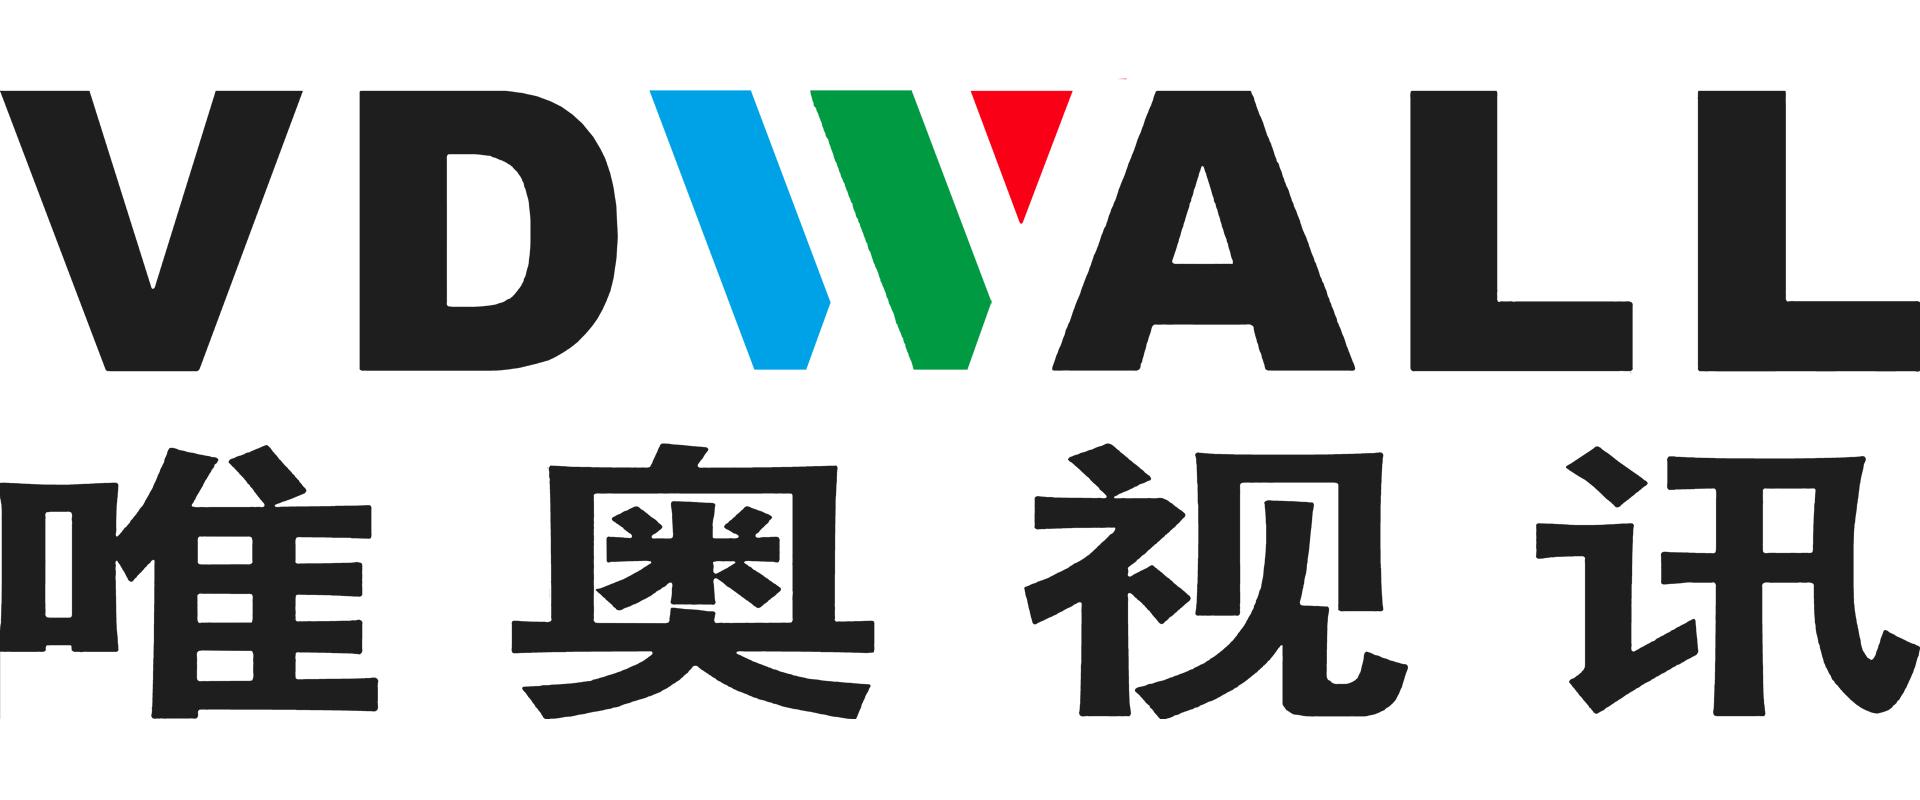 深圳市唯奥视讯技术有限公司(唯奥视讯VDWALL)简况——唯奥视讯VDWALL产品品牌商标LOGO标志